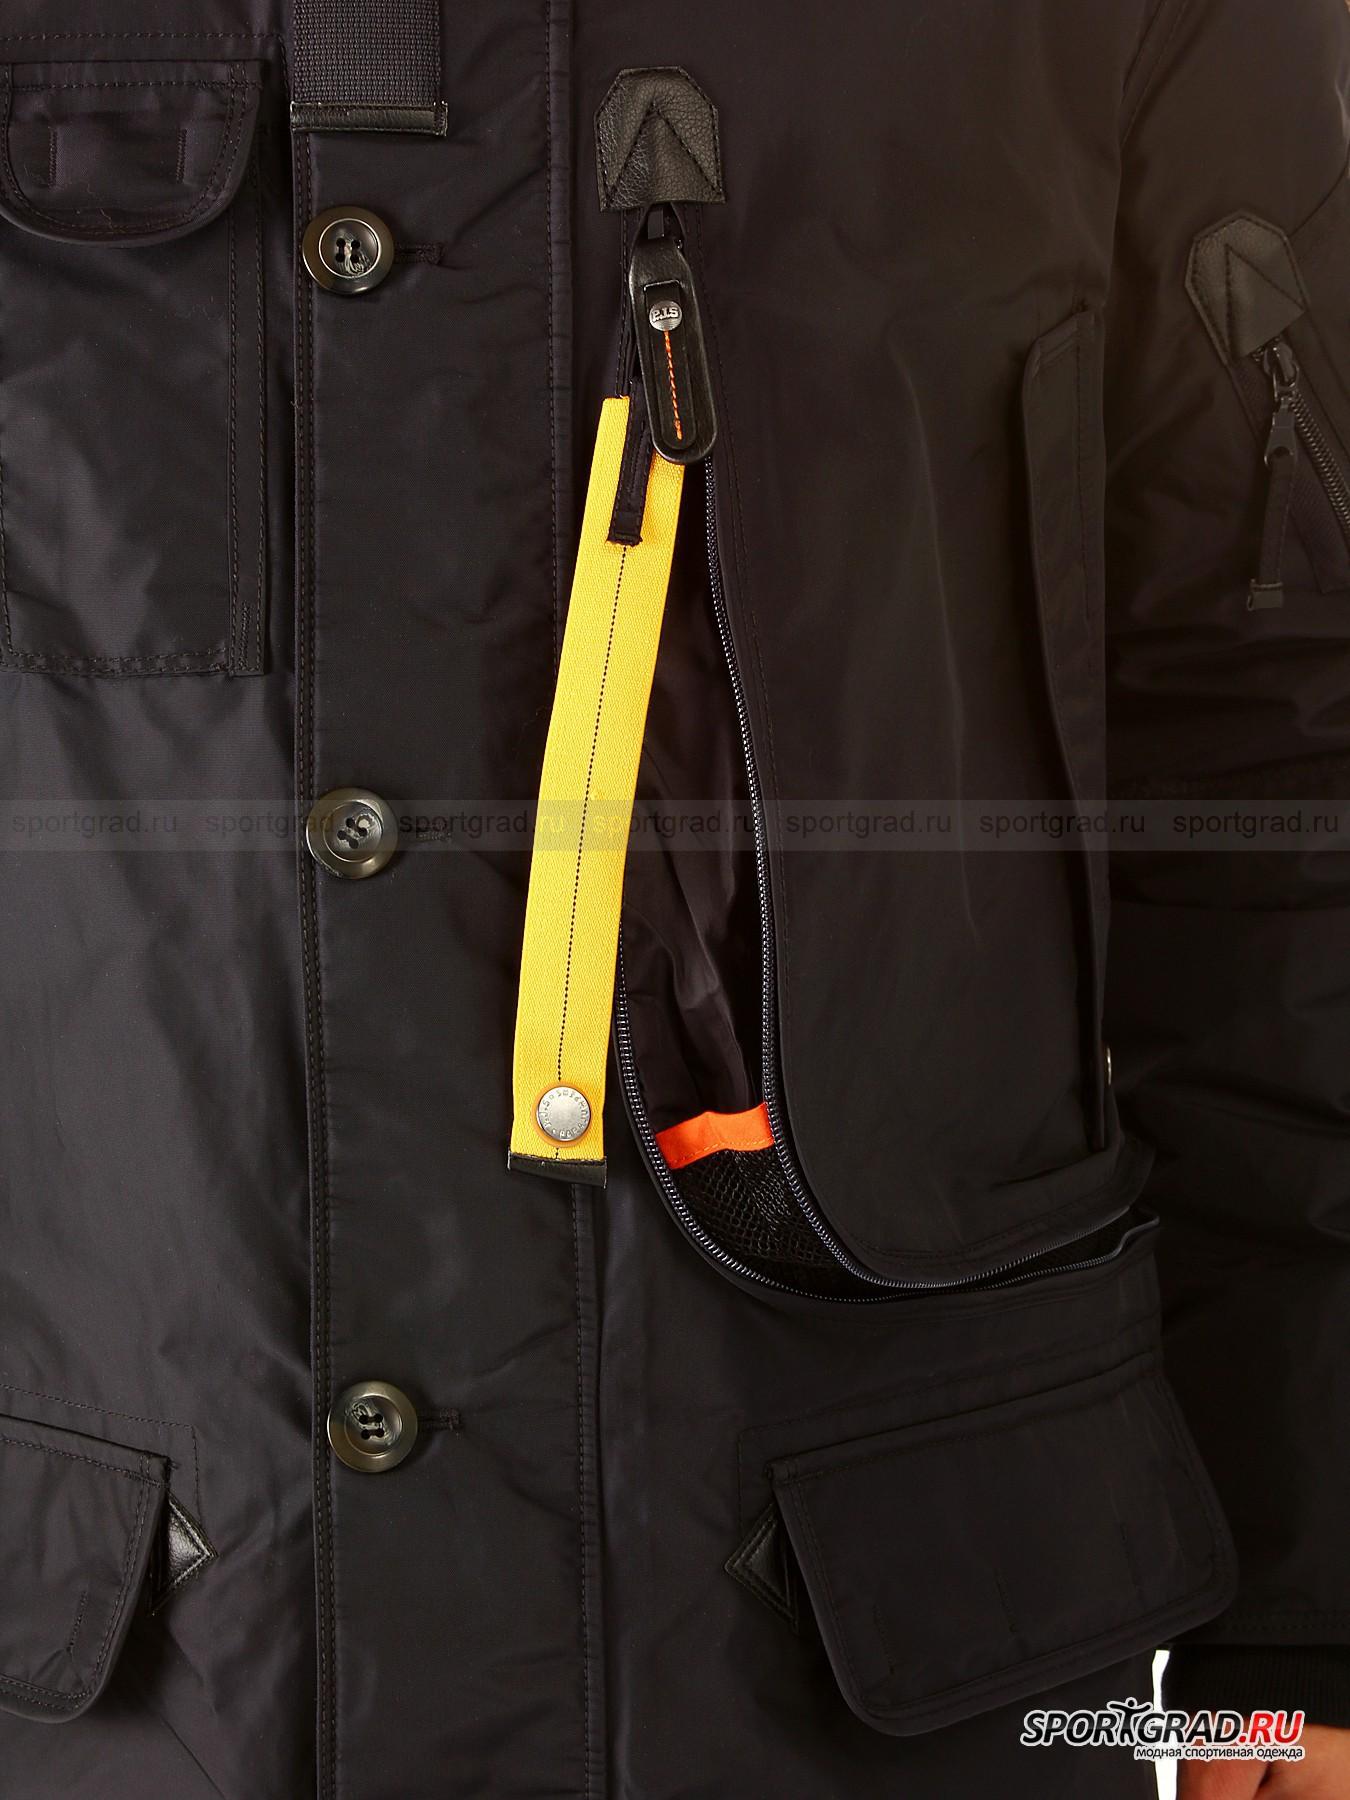 Парка пуховая мужская Kodiak PARAJUMPERS с отстегивающимся утеплителем от Спортград